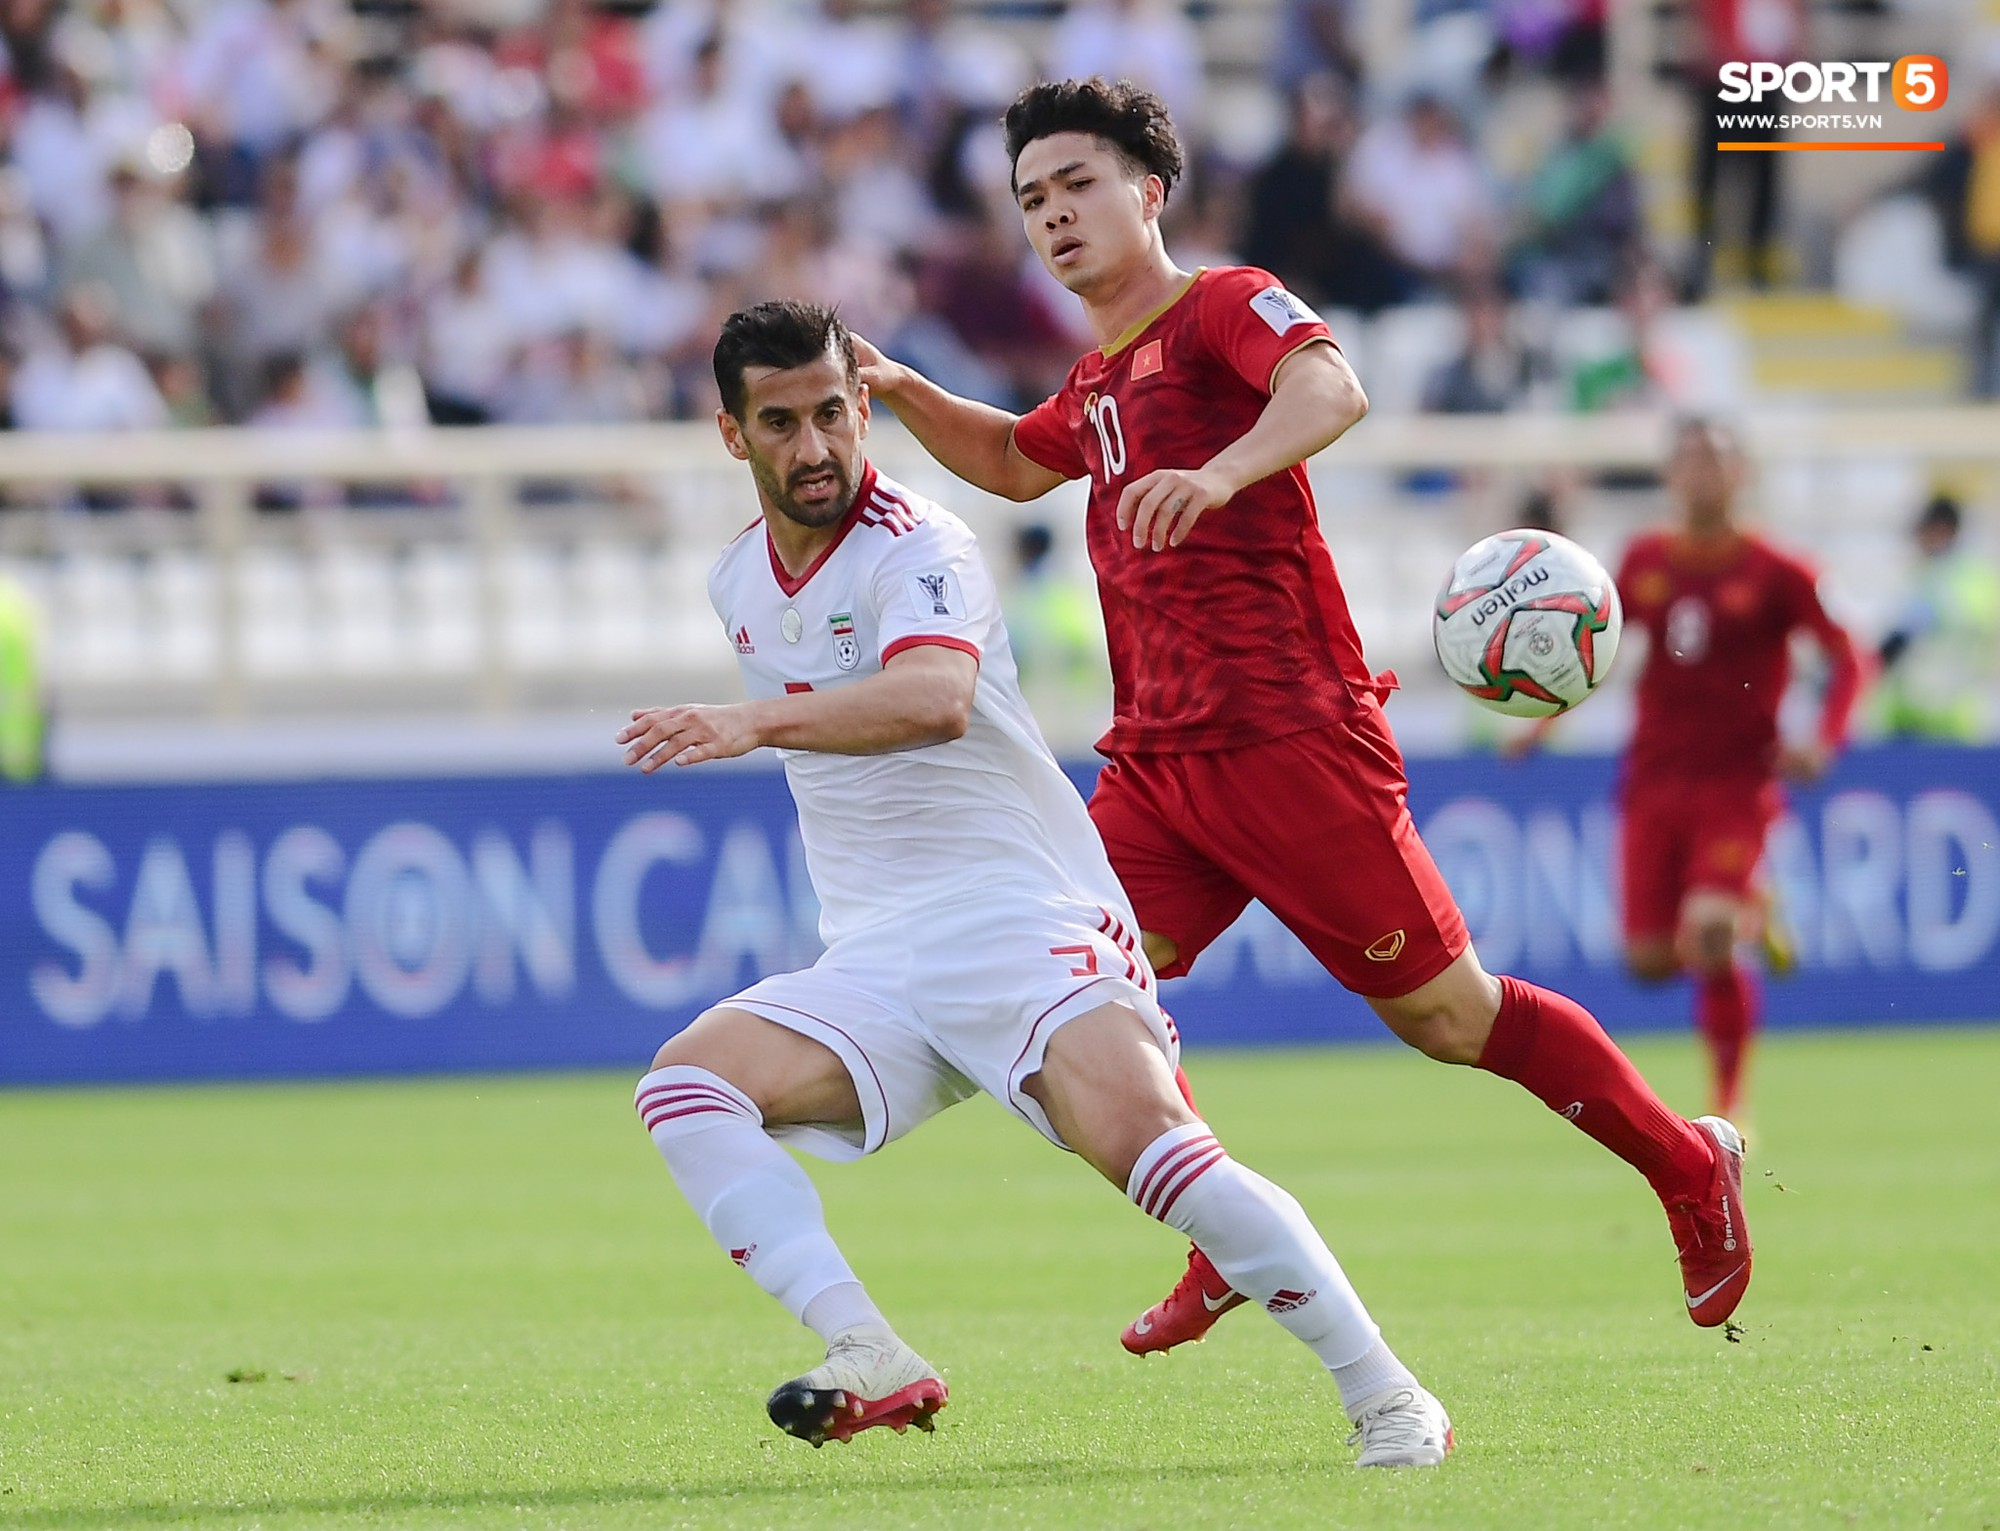 Nếu Công Phượng xử lý nhanh hơn, Duy Mạnh đã không lỡ hẹn trận đấu cuối cùng ở vòng bảng Asian Cup 2019 - Ảnh 9.